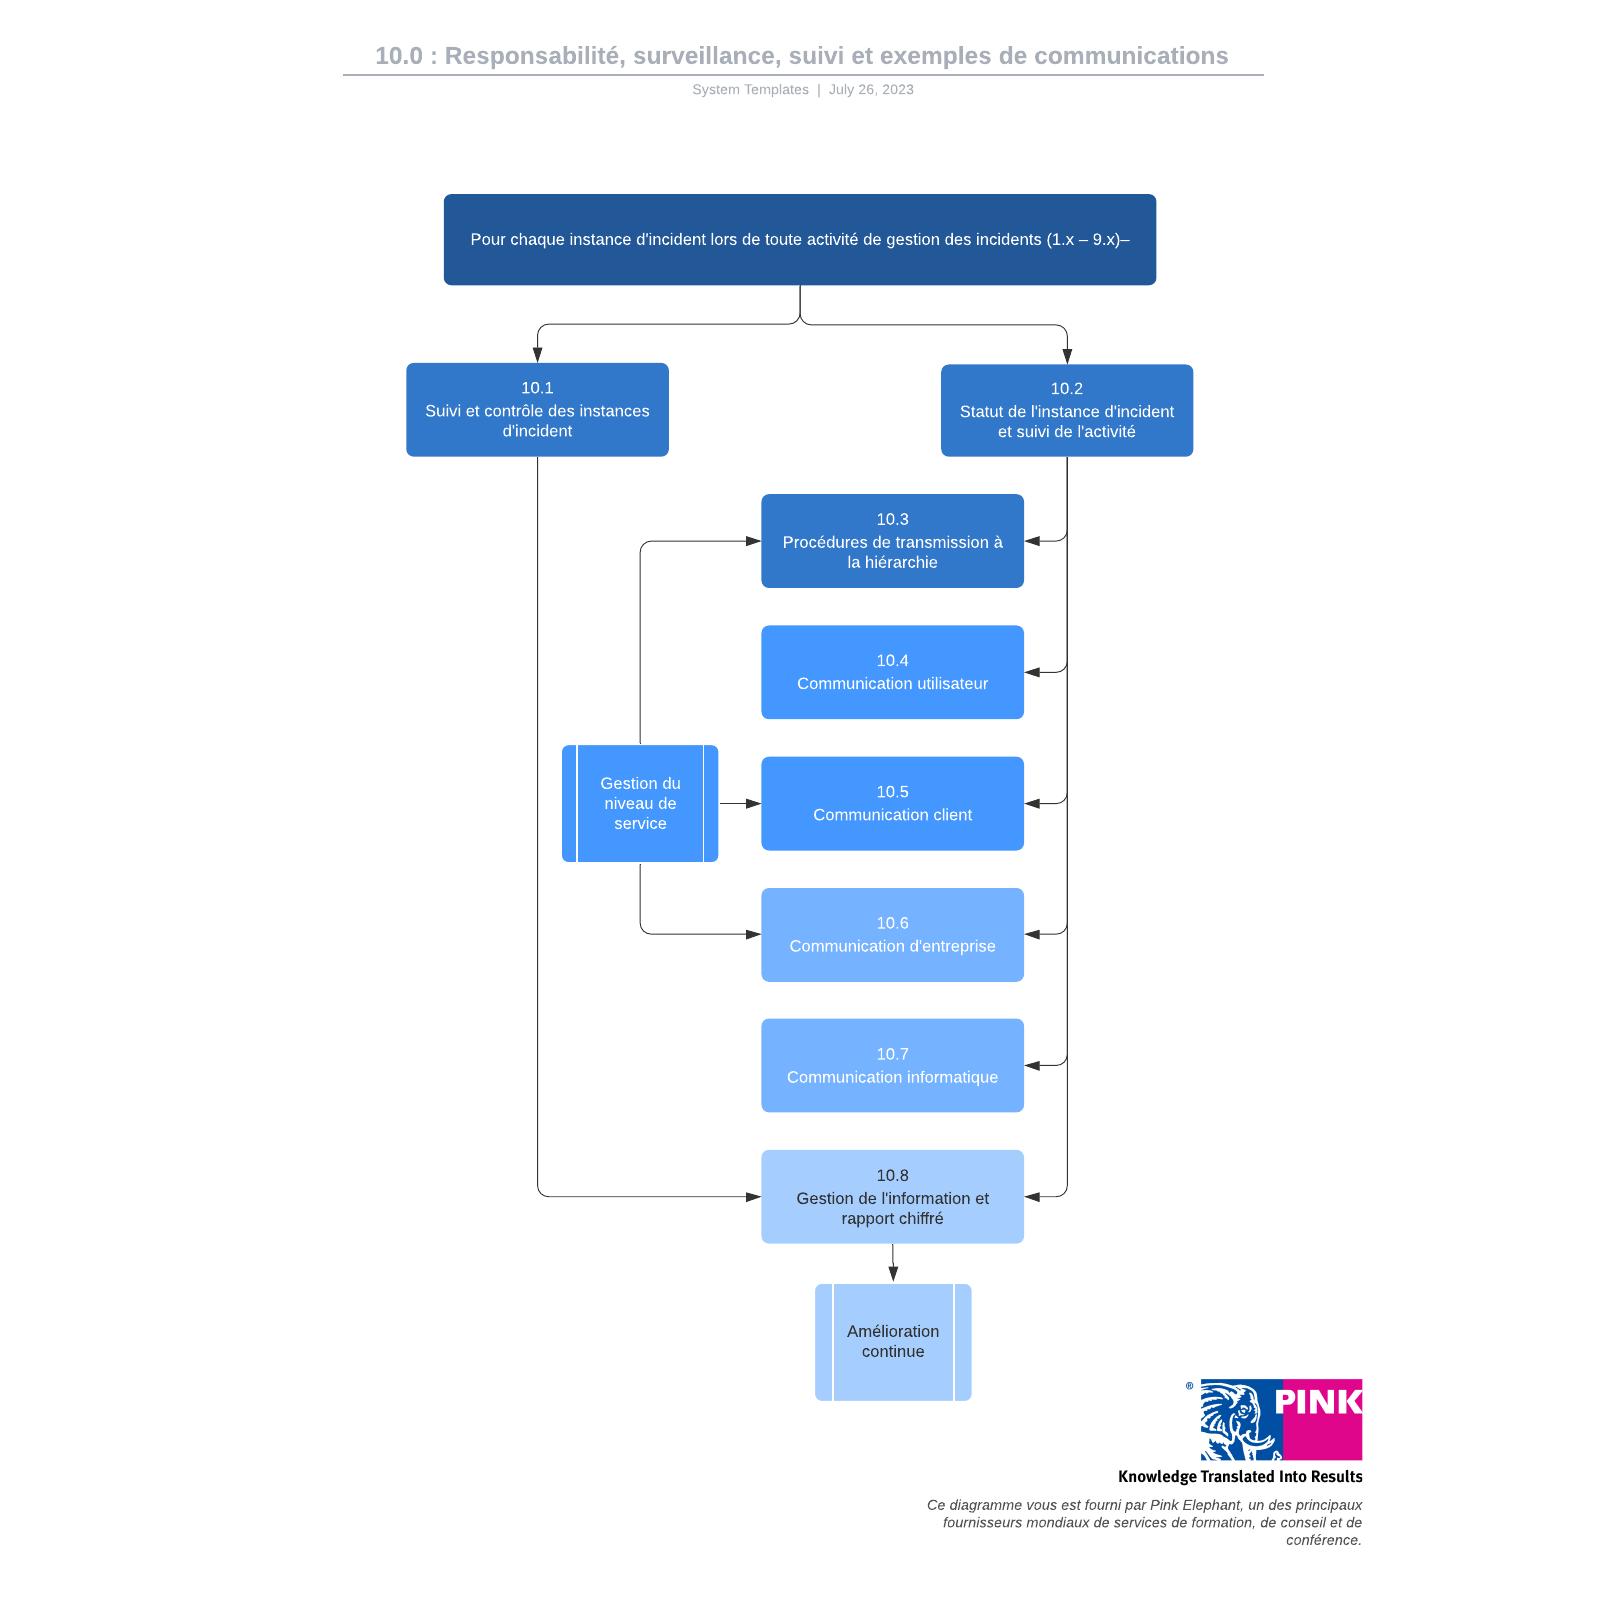 exemple de flux de processus de responsabilité, surveillance, suivi et communication